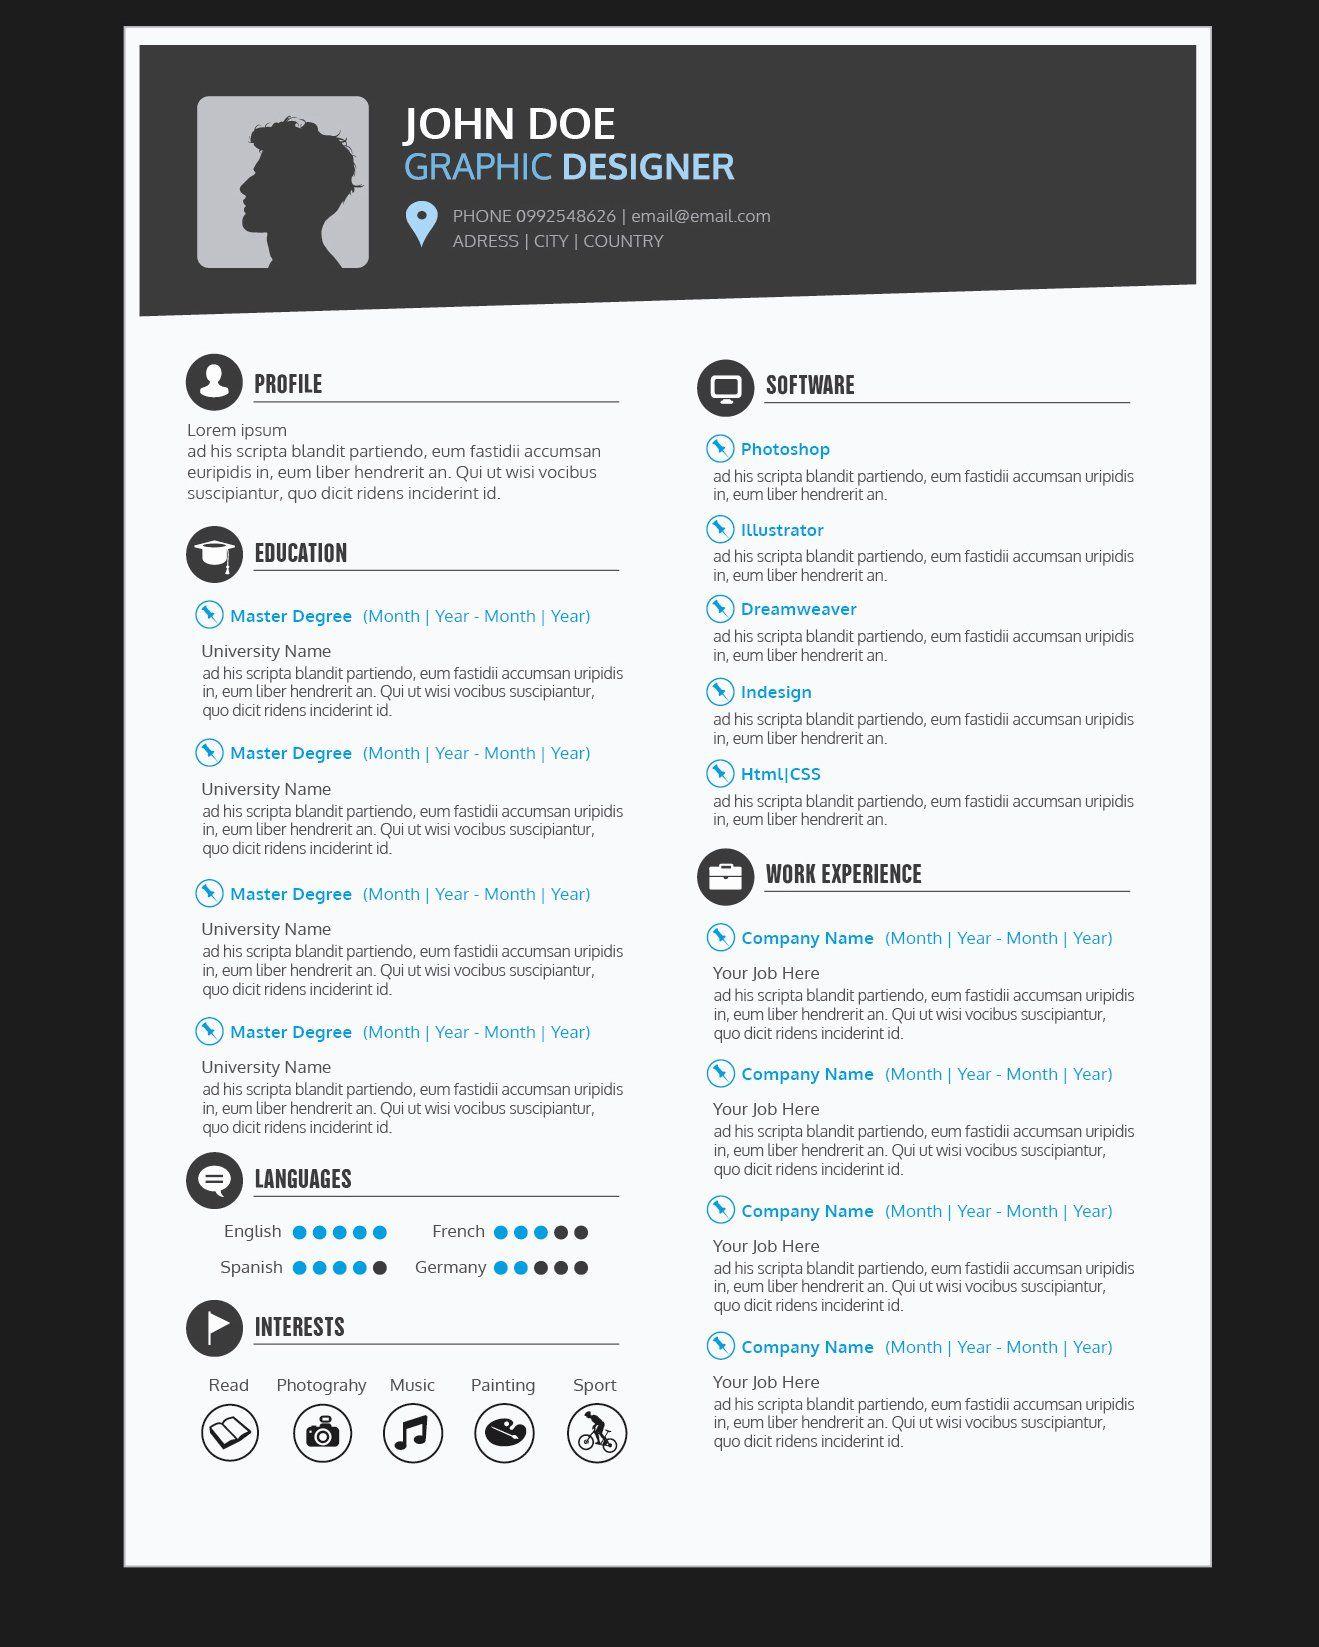 20 senior graphic designer resume  resume design graphic